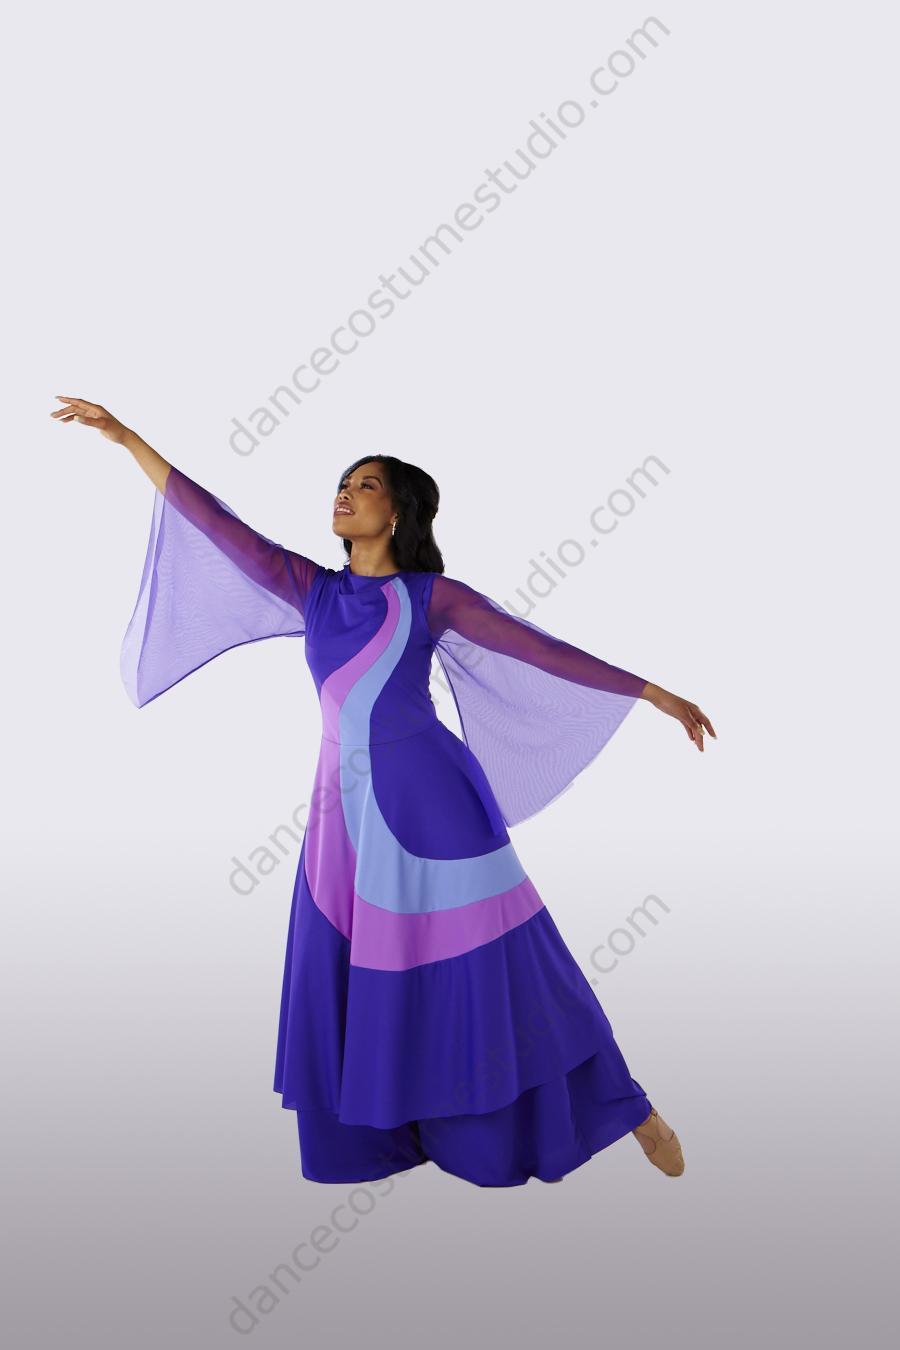 excellent praise dance outfit dance